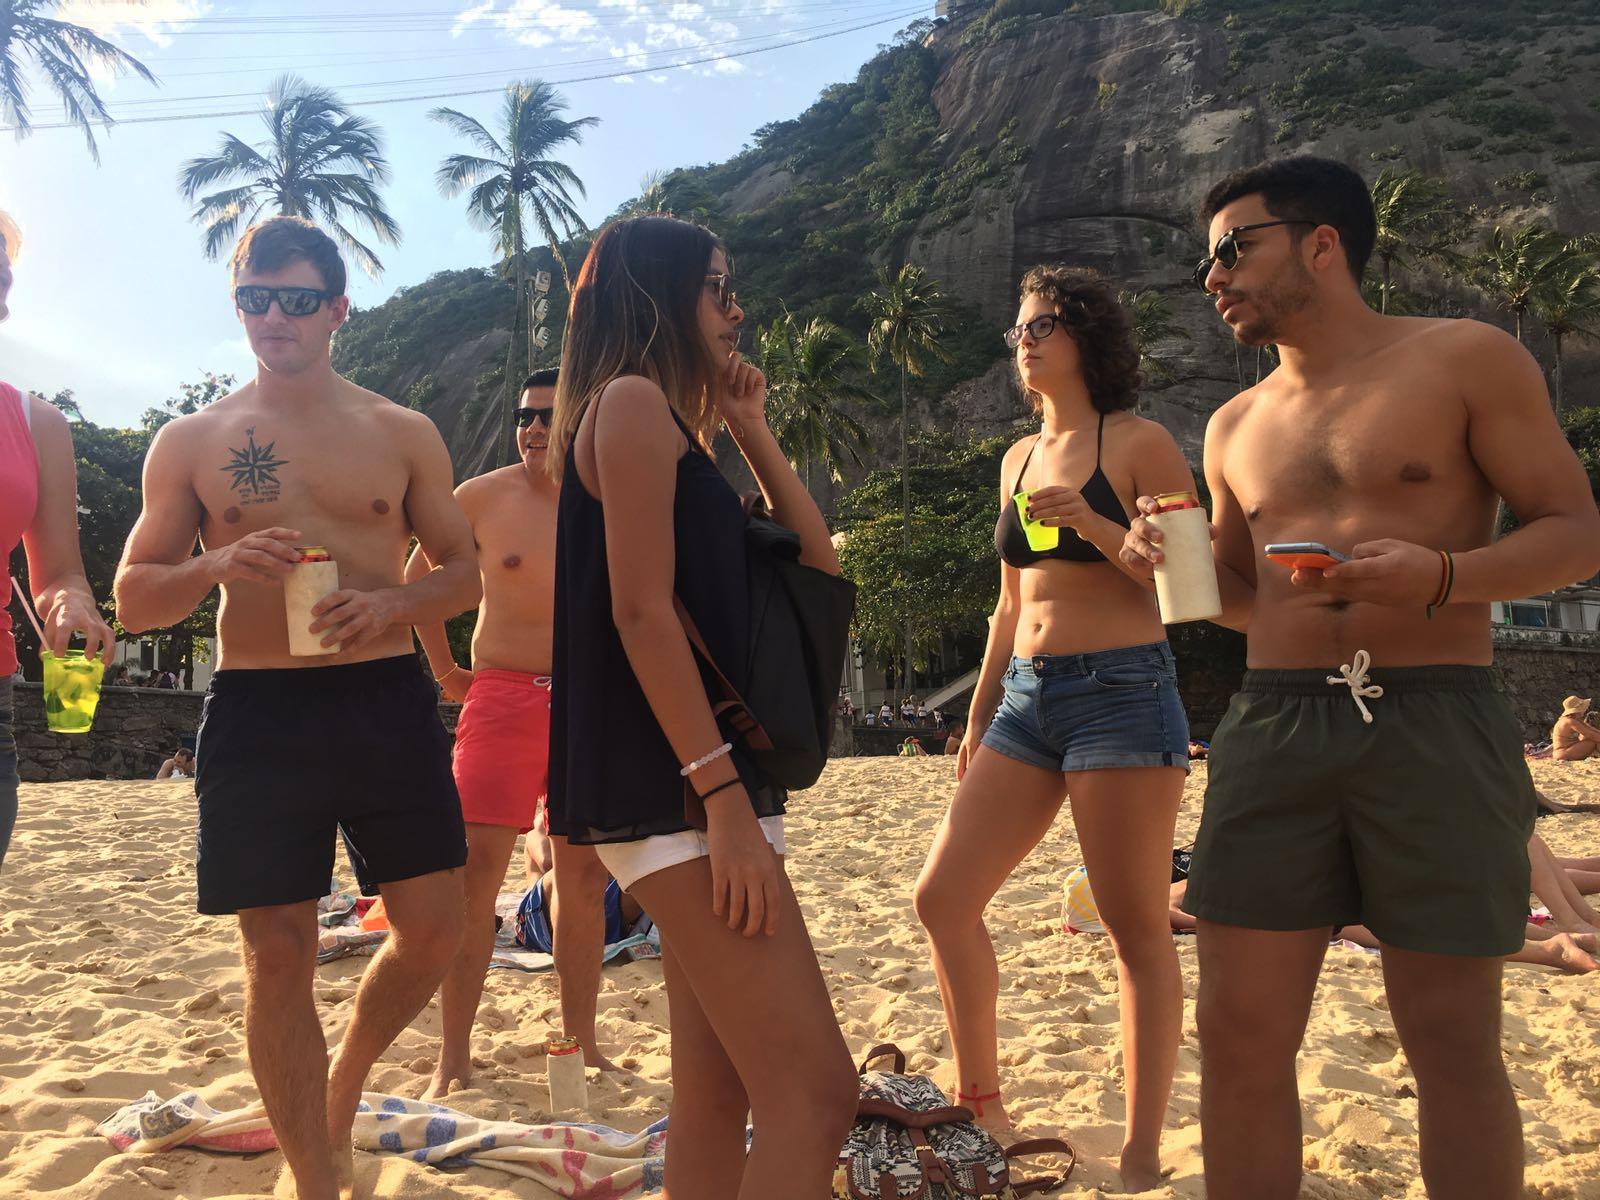 Rio & Learn só tem gente linda :)